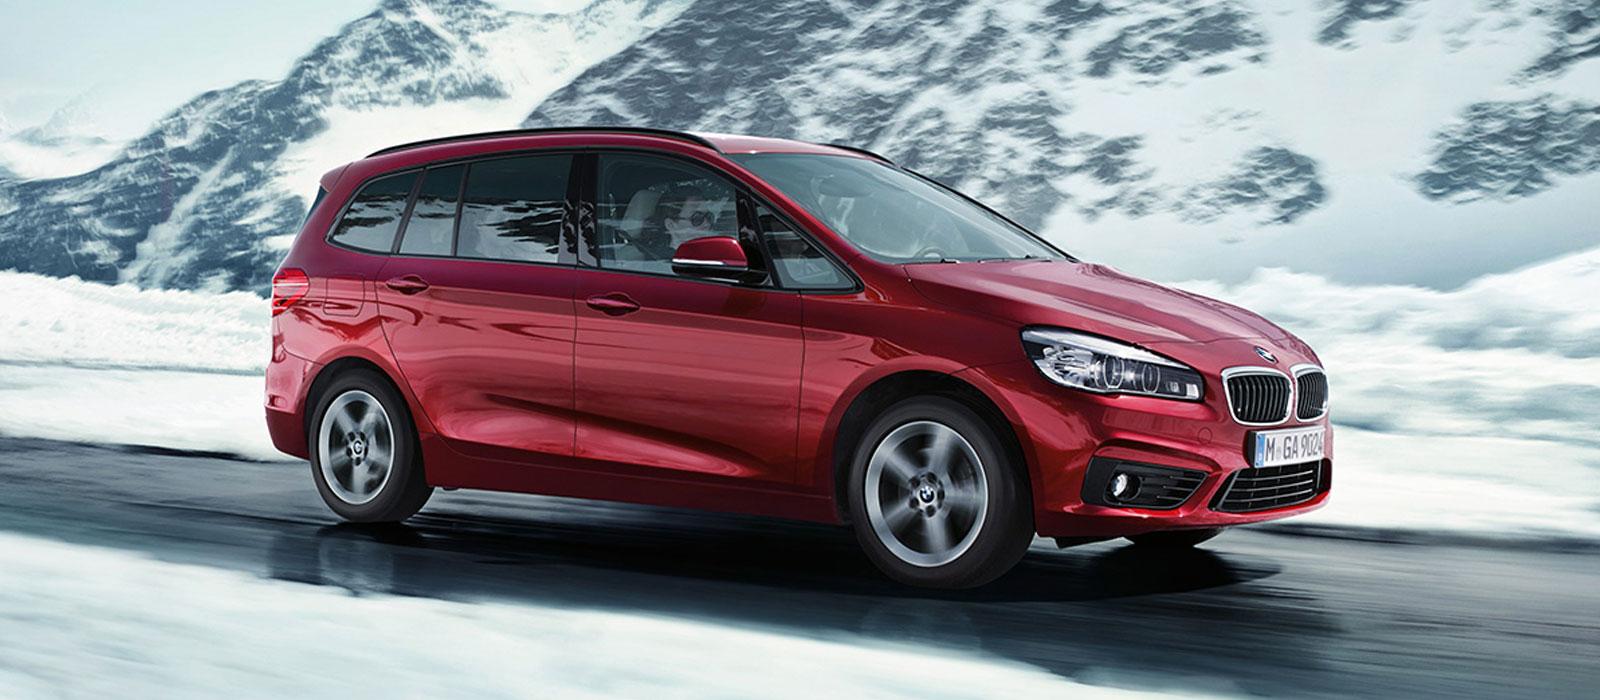 BMW Wagner - BMW 2er Gran Tourer Angebot